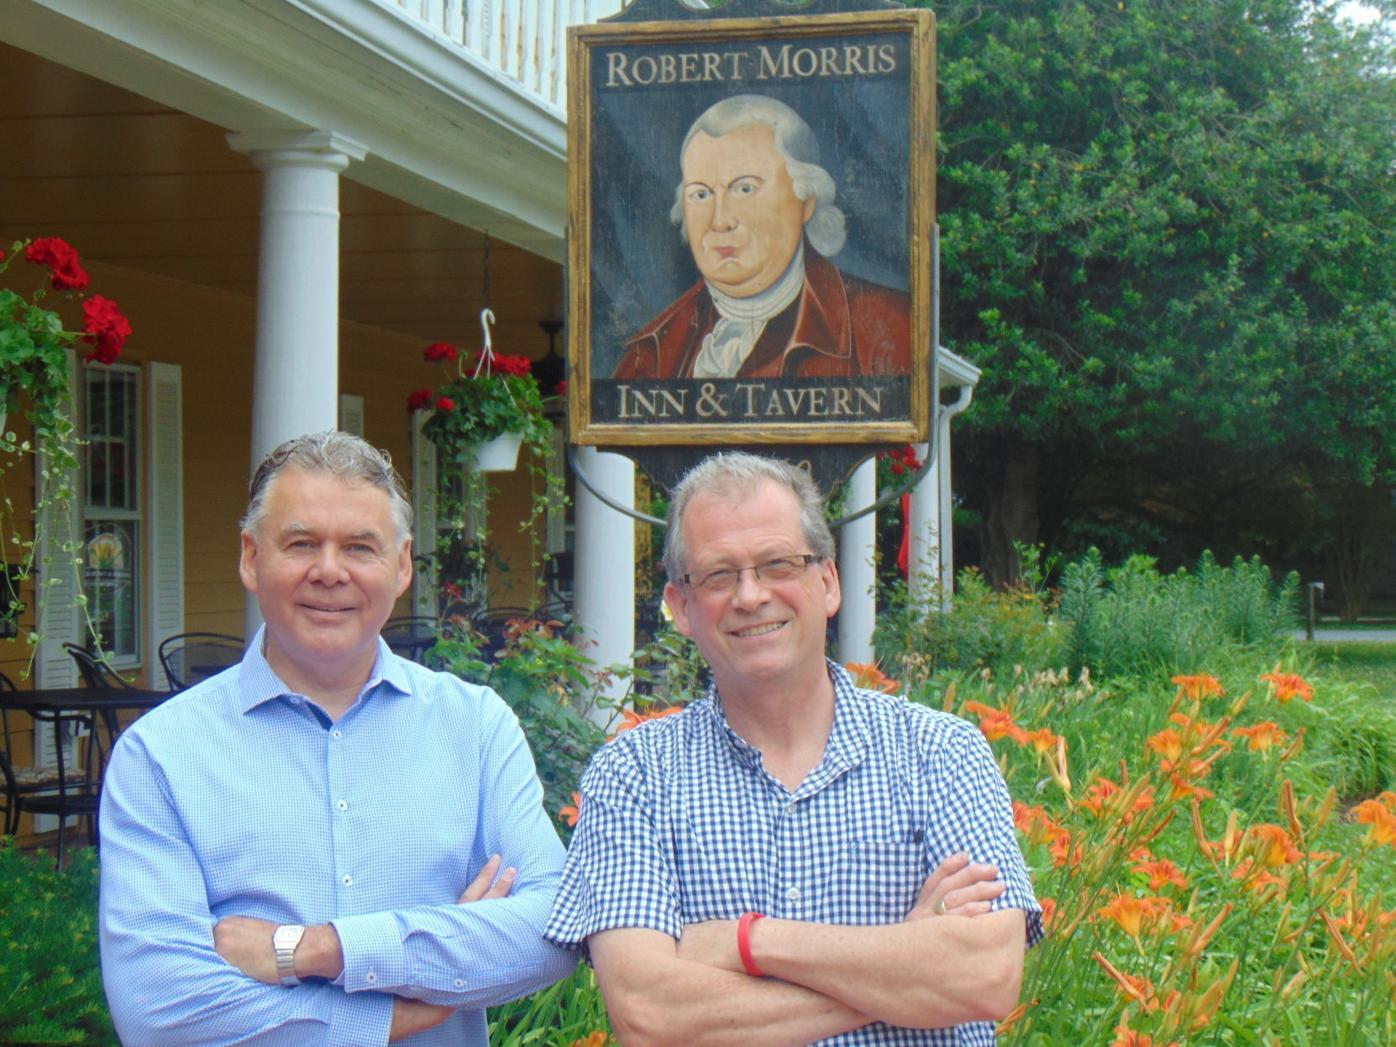 Robert Morris Inn for sale in Oxford